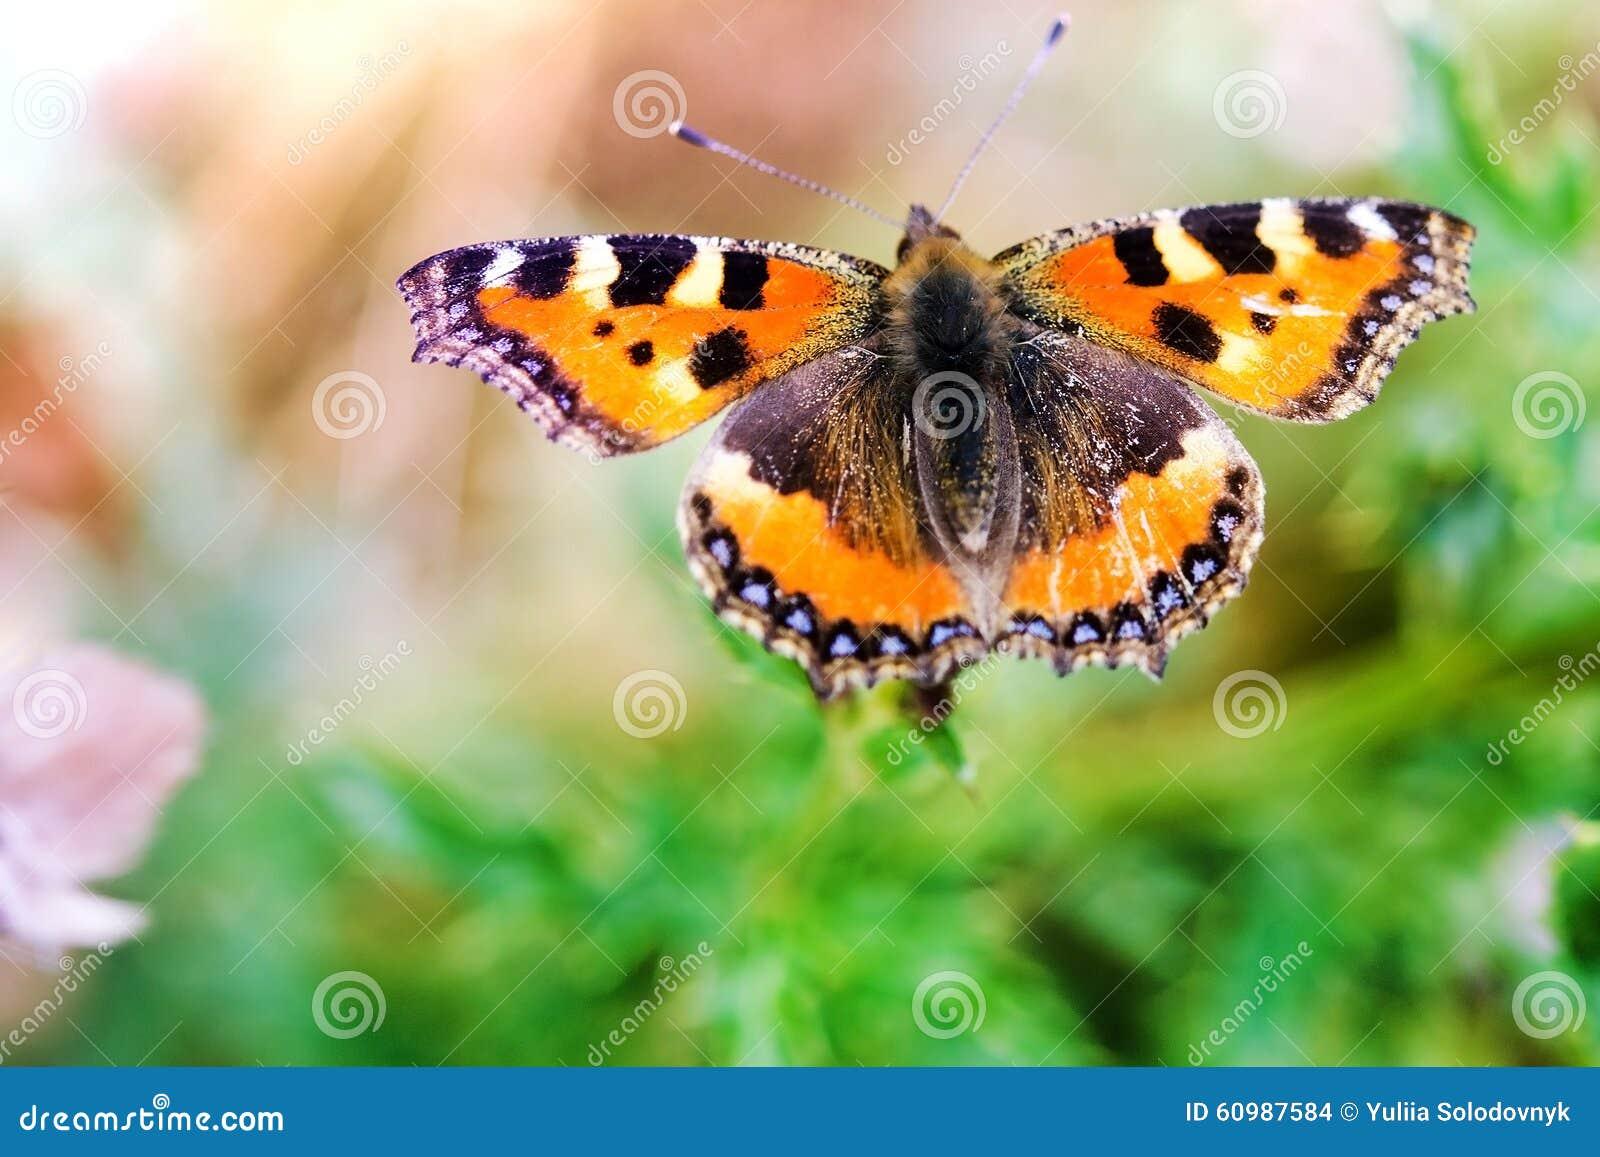 Papillon sur une fleur photo stock image 60987584 - Papillon fleur ...